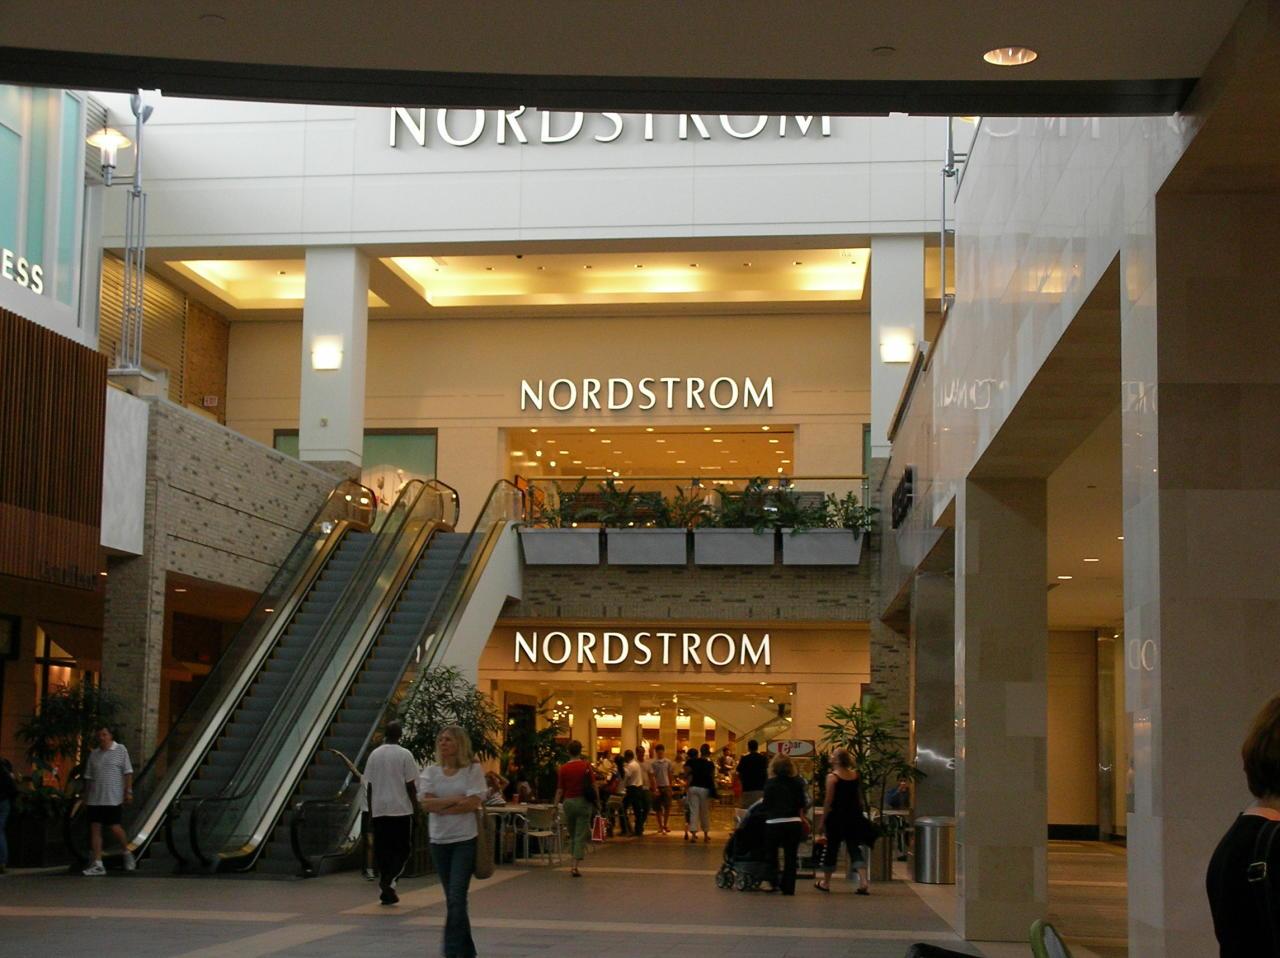 Nordstrom empezó como una tienda de calzado y ahora es una de las principales cadenas de productos de lujo en Estados Unidos. Pese a dirigirse a un público exclusivo, se puede trabajar en esta compañía sin ser graduado universitario. Tiene una nota de 3,6 en Glassdoor. (Foto: Wikimedia Commons).